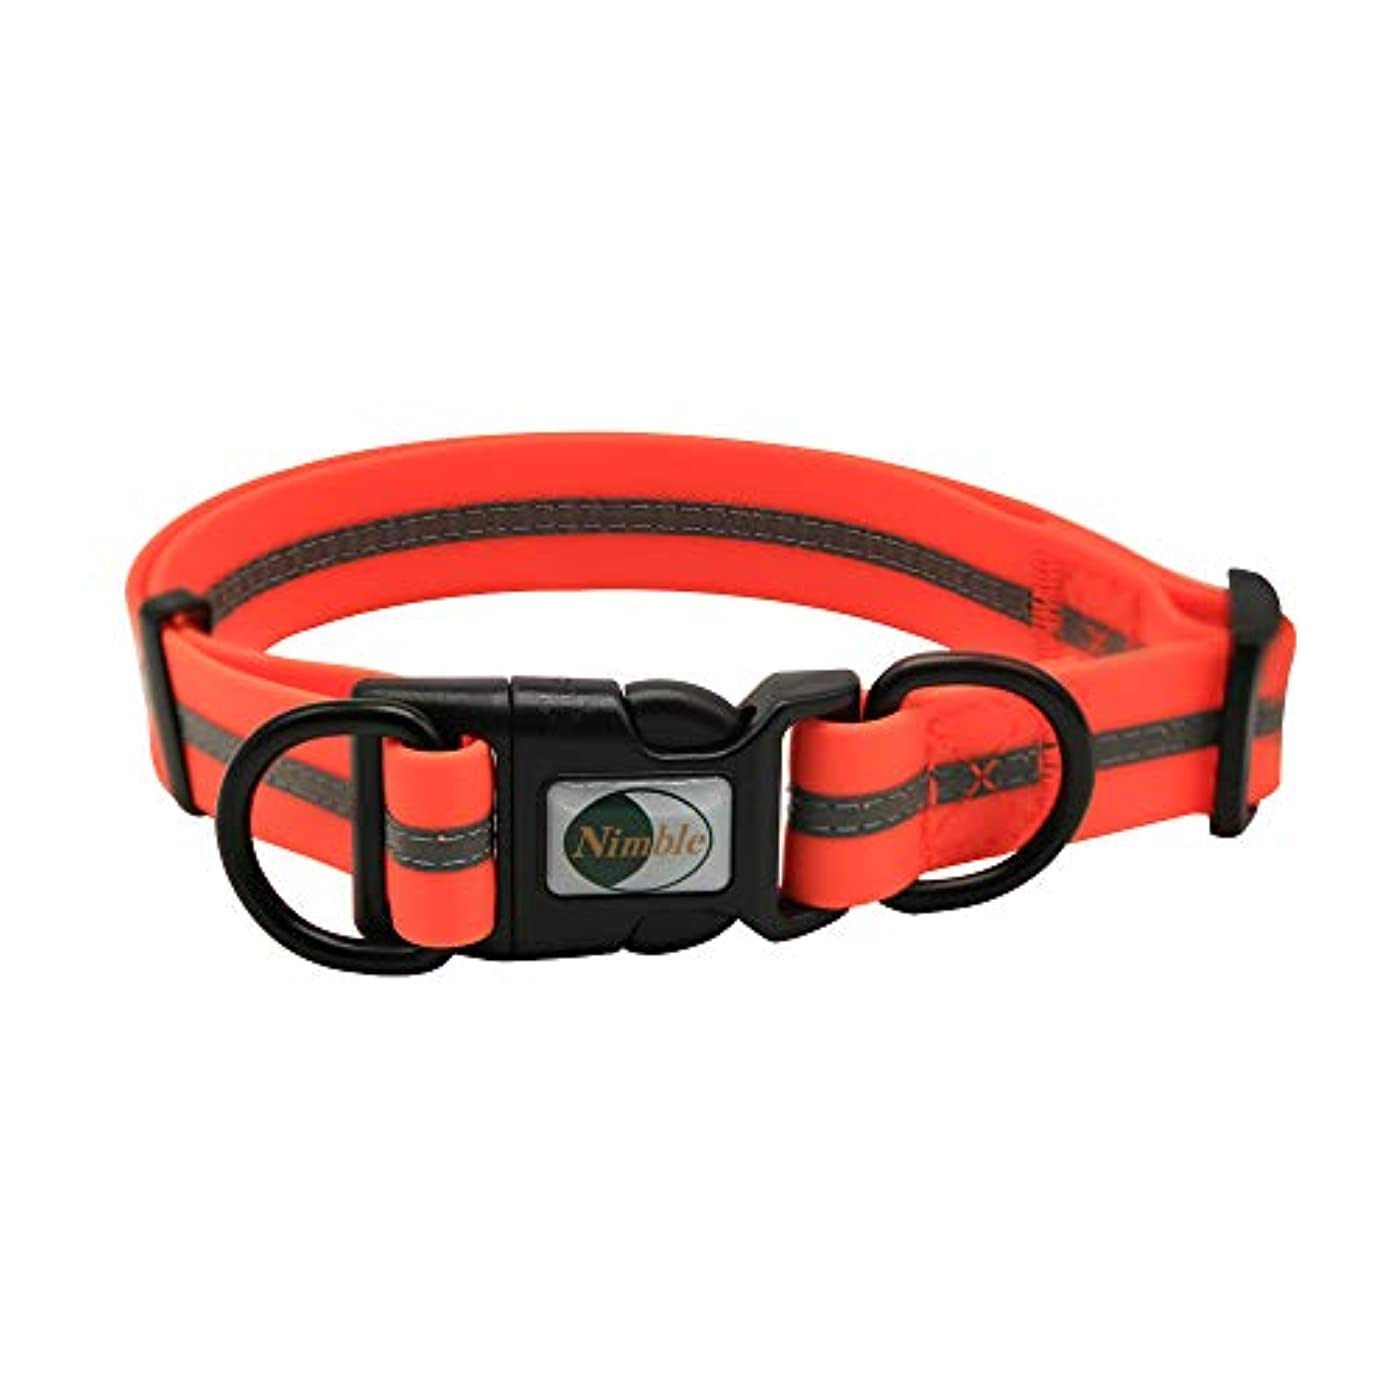 部分武装解除ホットNimble 犬 首輪 犬の首輪 夜の反射 抗菌 防水 調節可能 ベルト首輪 小型、中型、大型犬対応 (M, オレンジ)